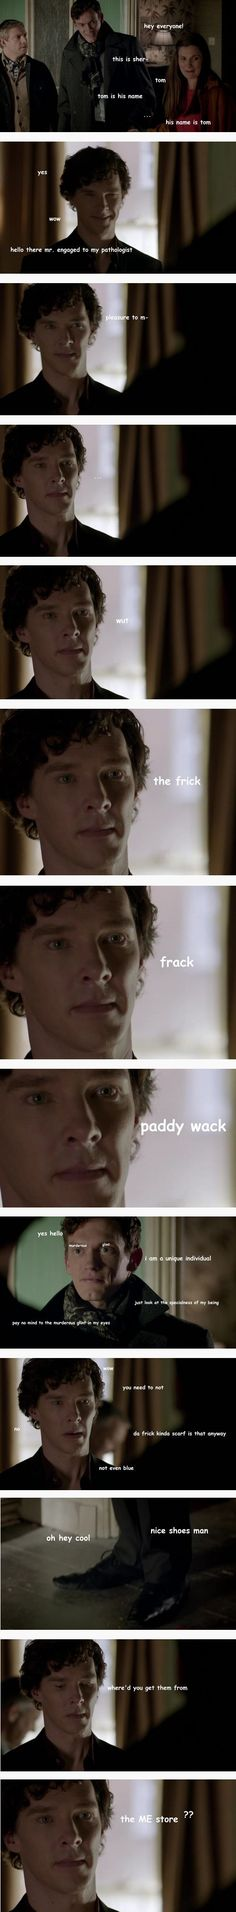 Lolz!!! I'm dying now,goodbye....